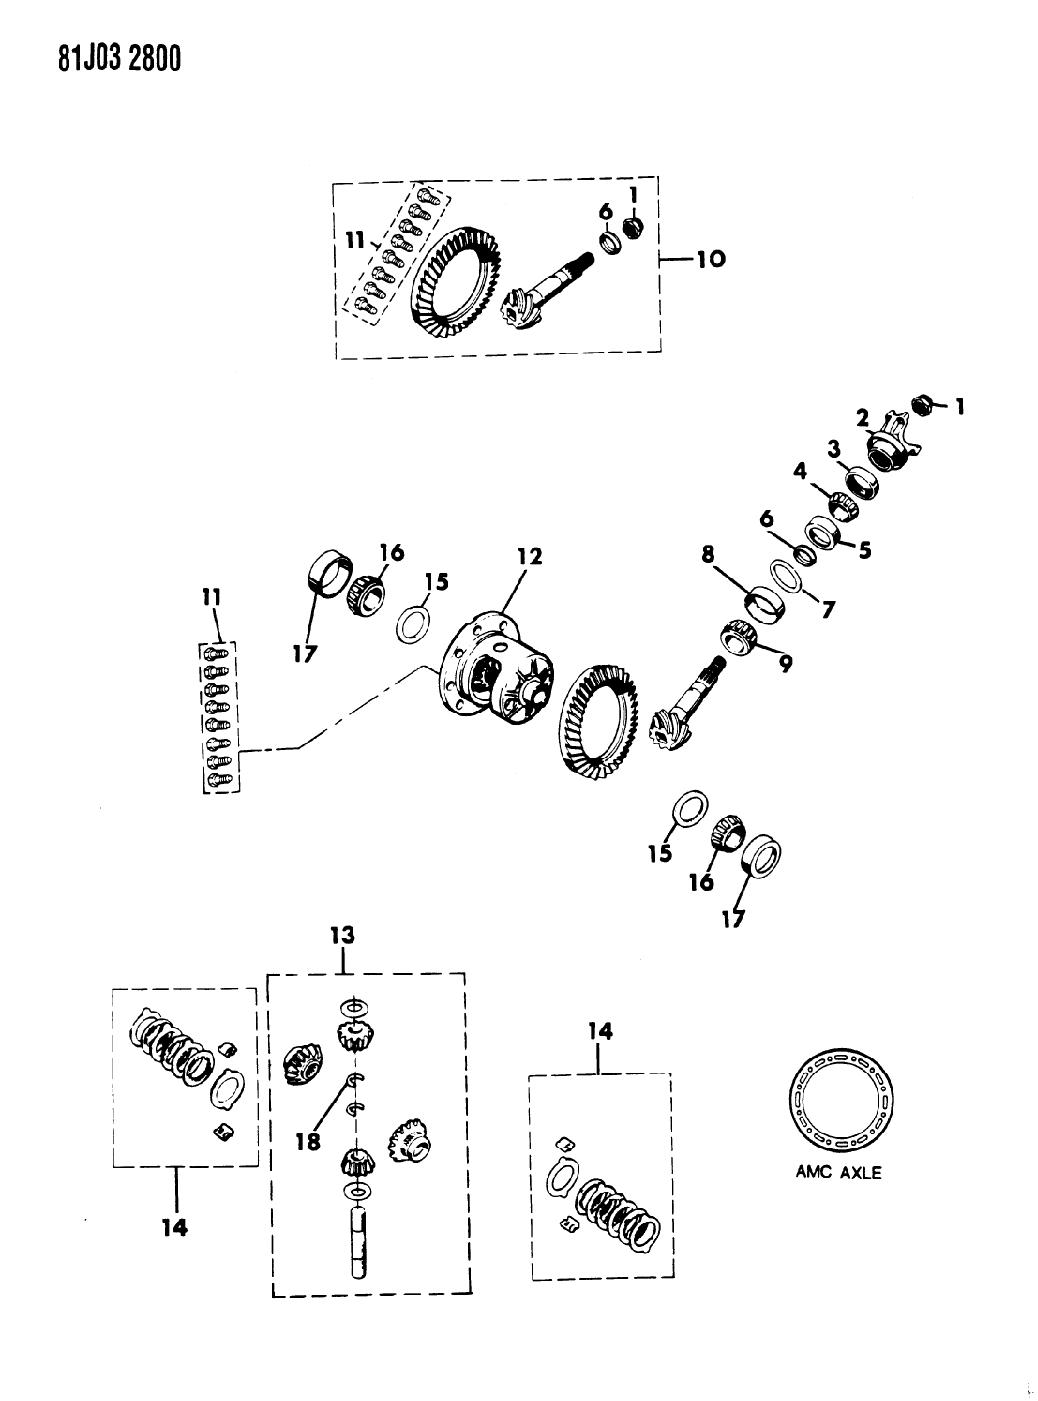 1986 Jeep J10 Differential Gears Mopar Parts Giant Diagram Thumbnail 2